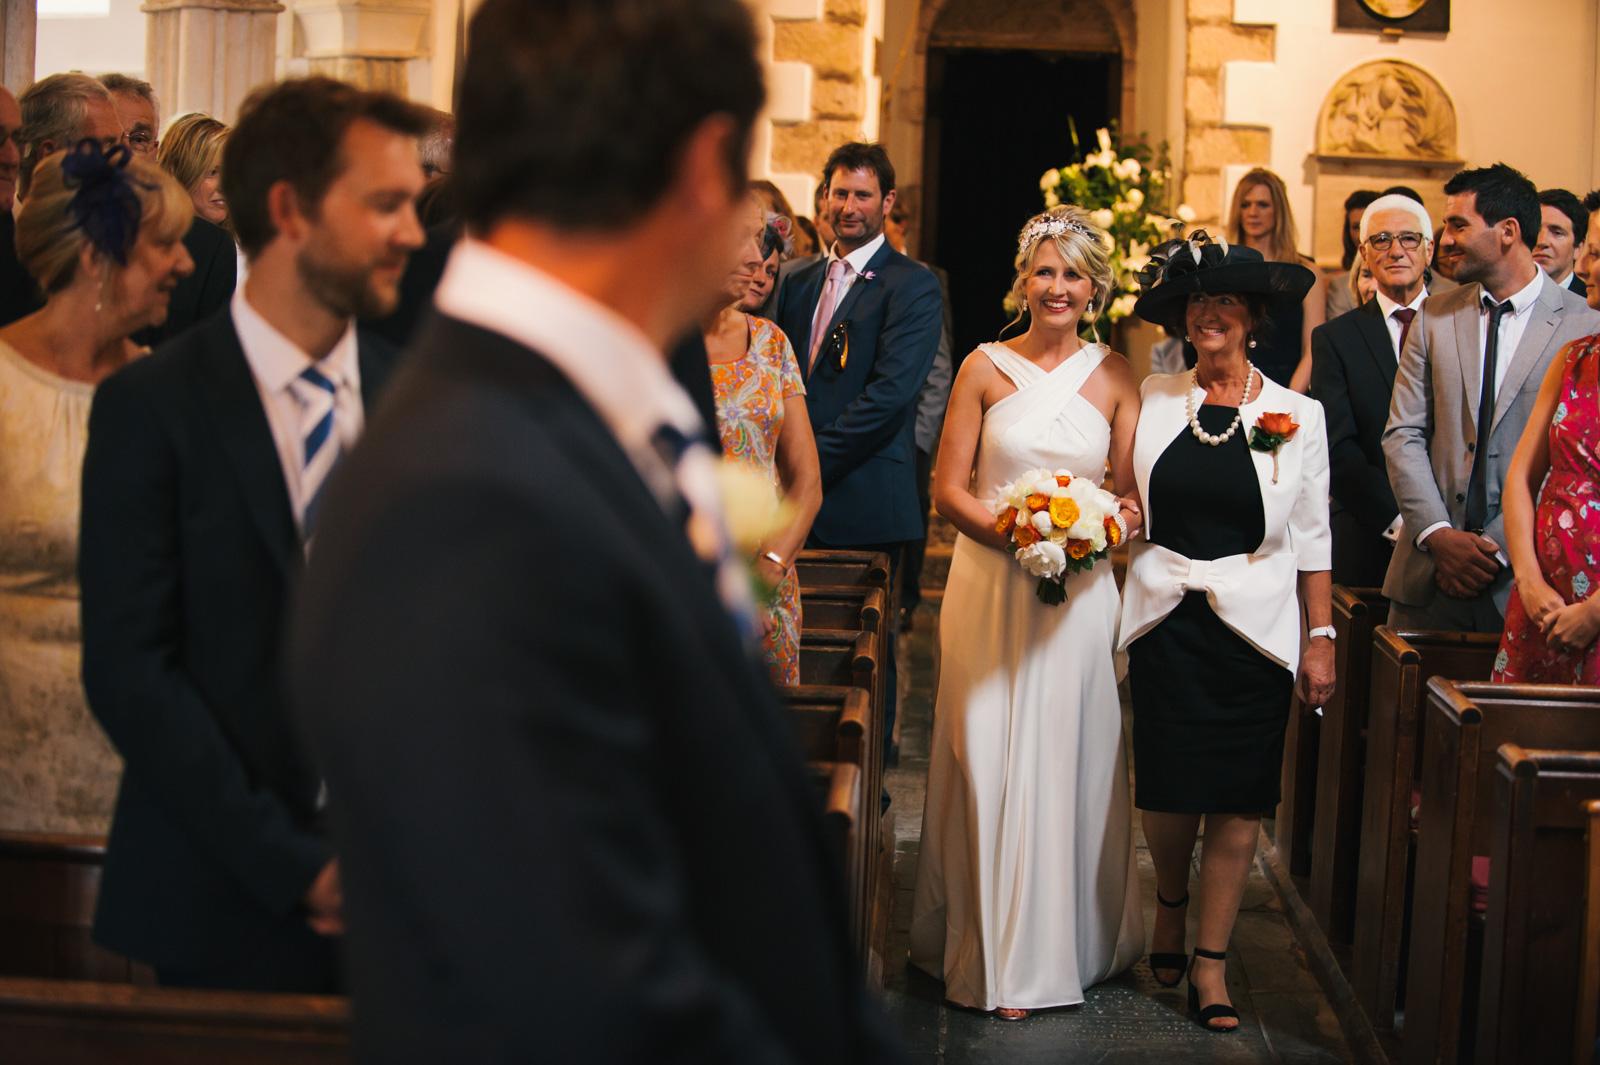 mylor-church-wedding-33.jpg